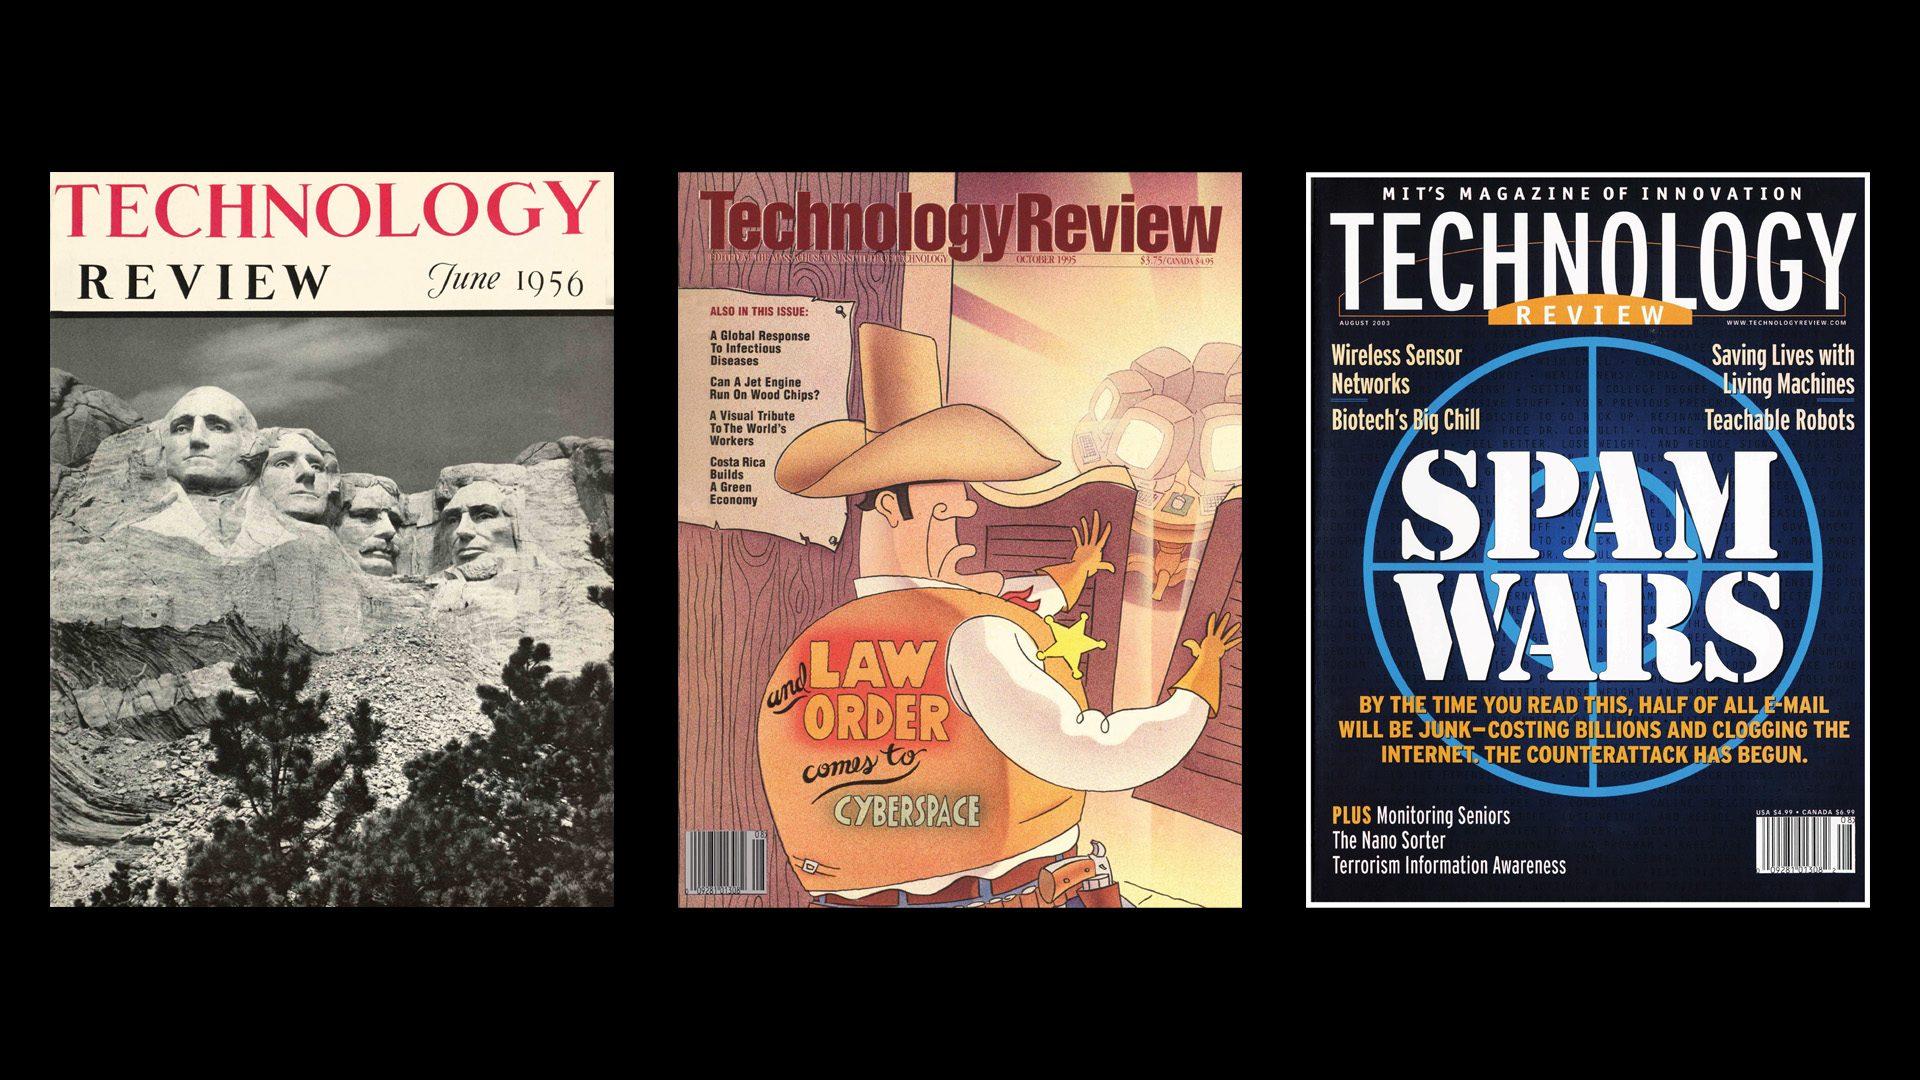 MITテクノロジーレビューの誌面で振り返る、感染症との戦い